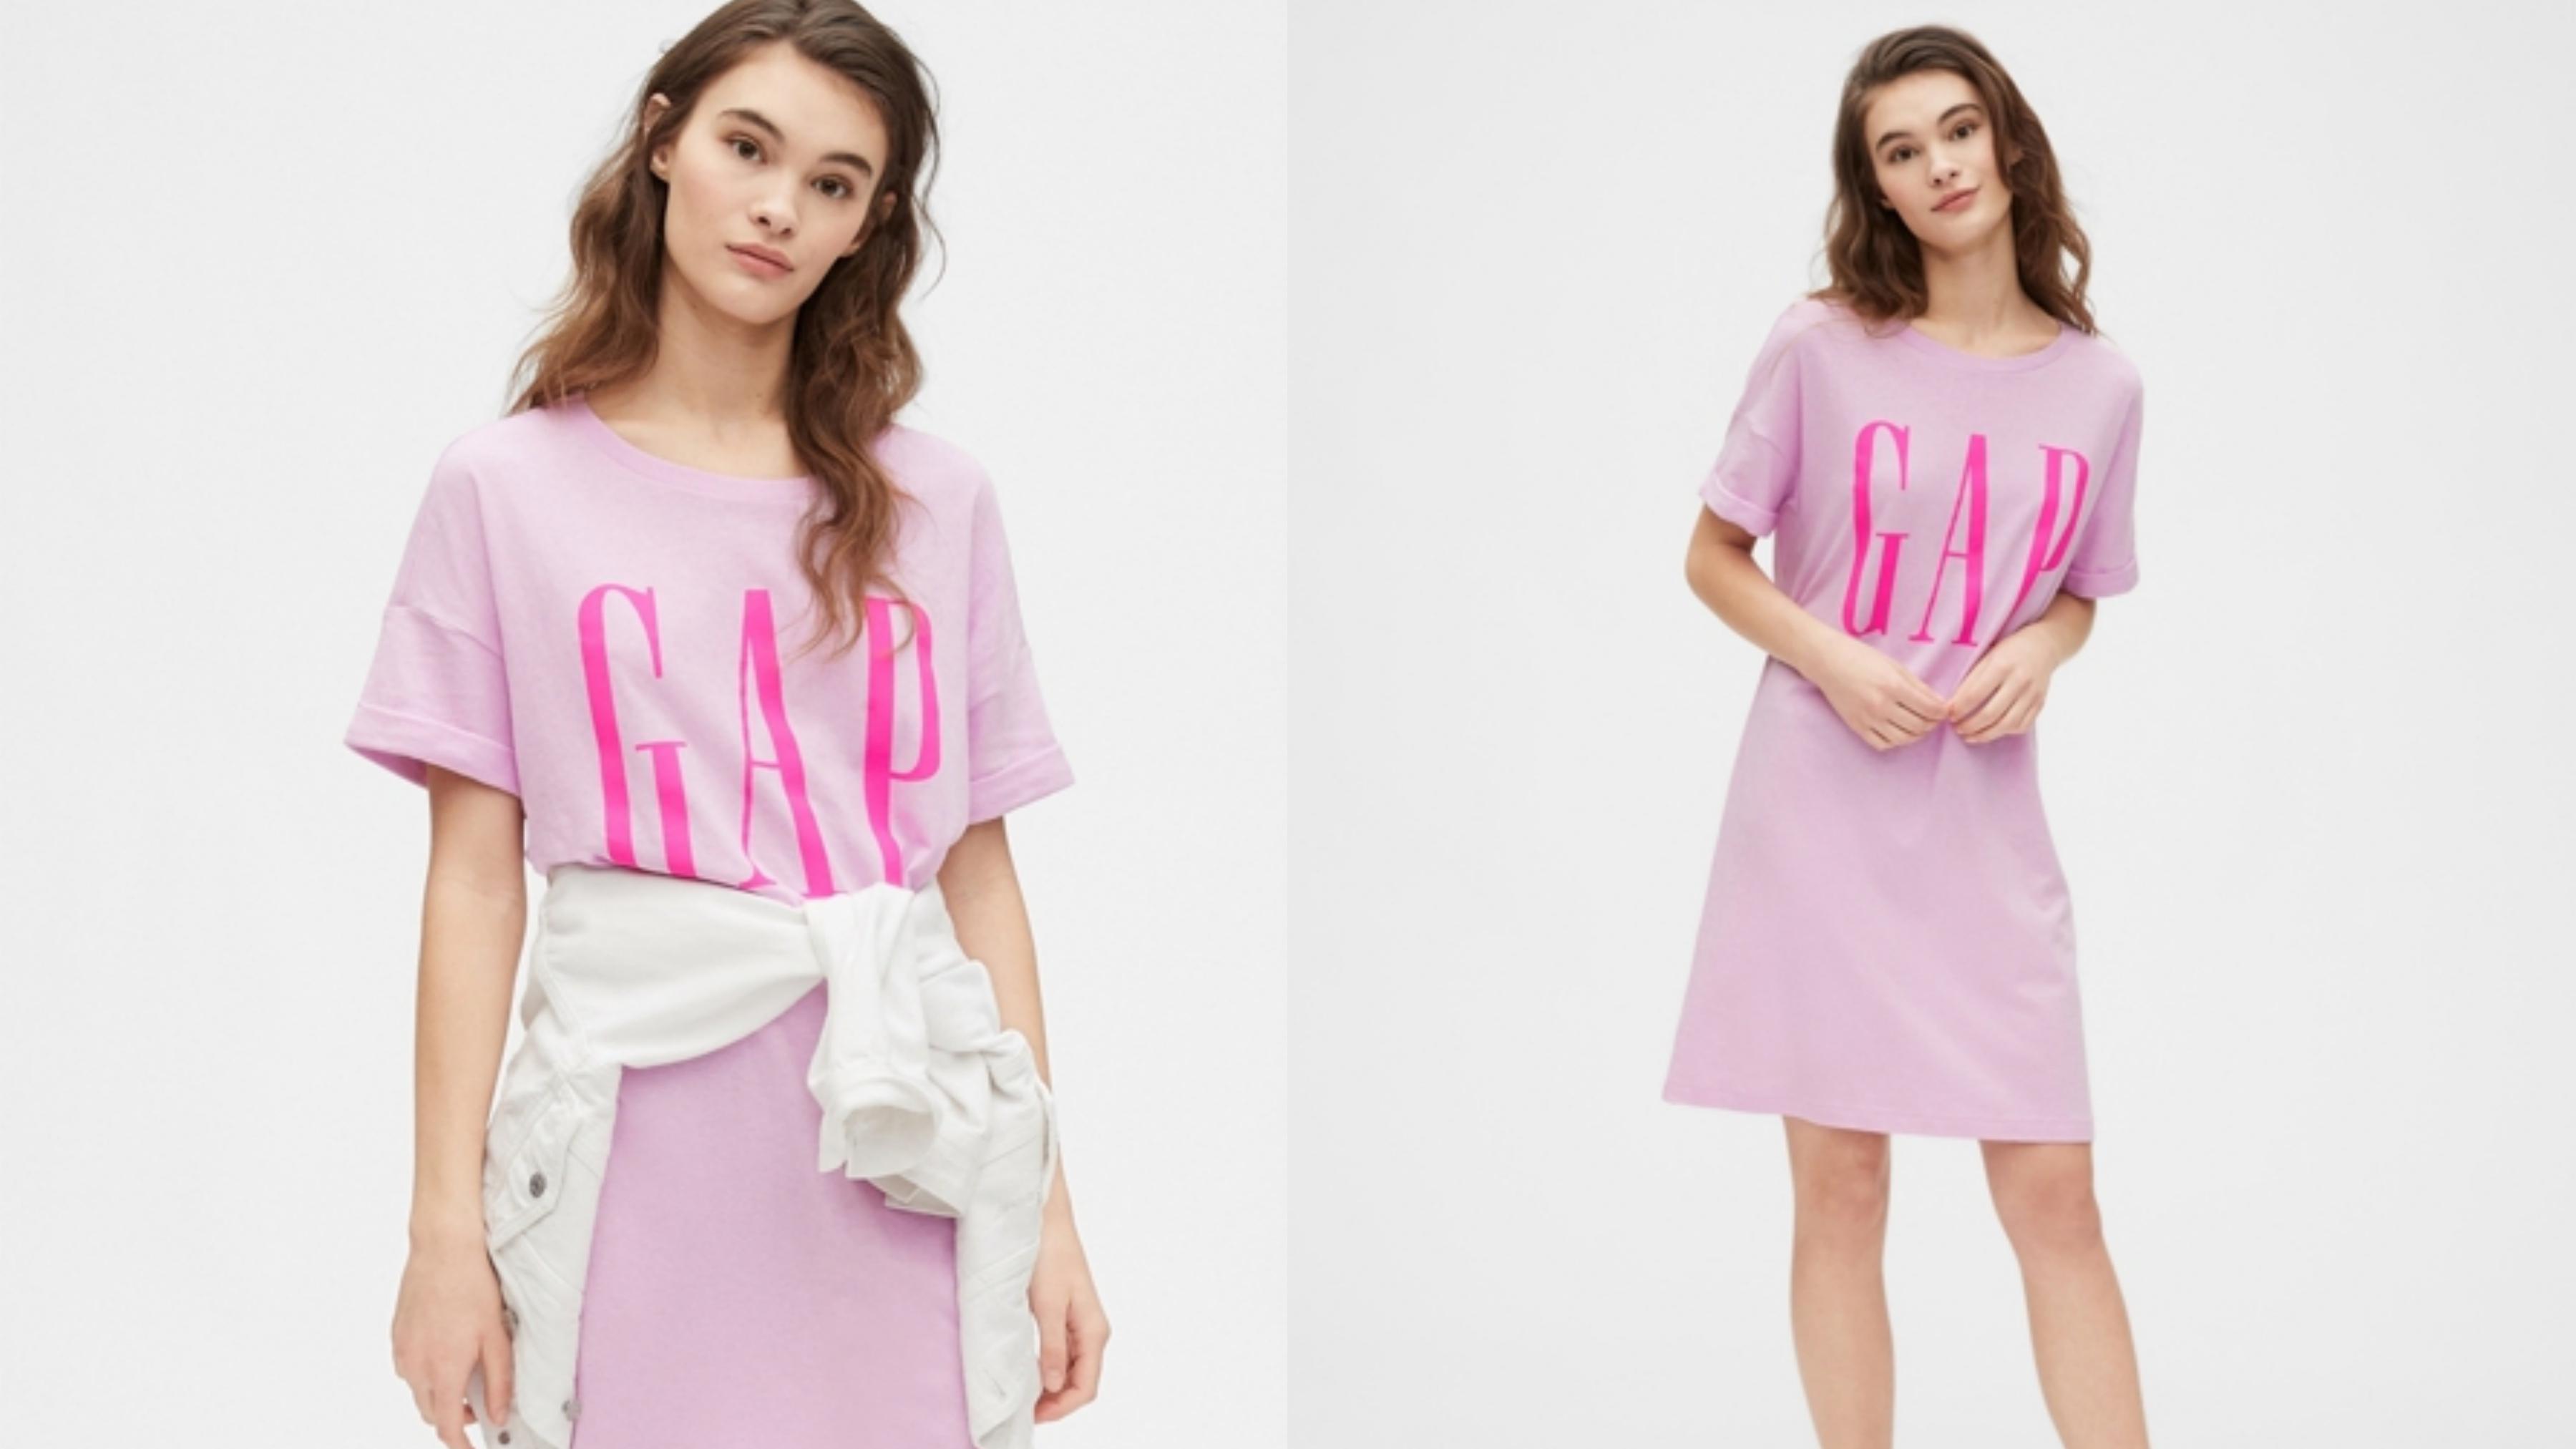 粉粉嫩嫩的討喜薰衣草色,不僅超襯膚色好顯白,還能讓妳瞬間減齡